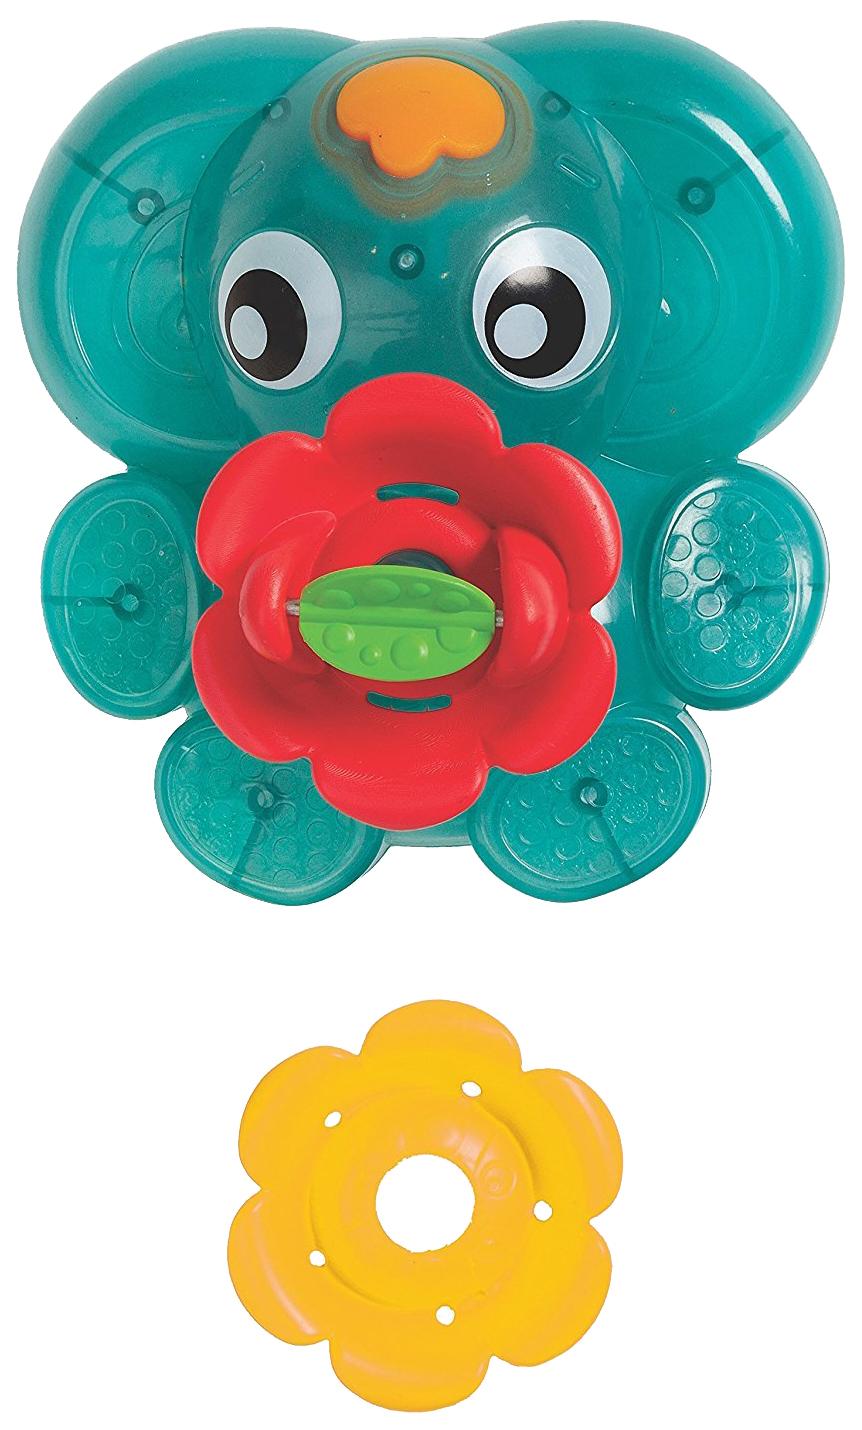 Купить Игрушка для купания Playgro Фонтанчик 4086399, Игрушки для купания малыша